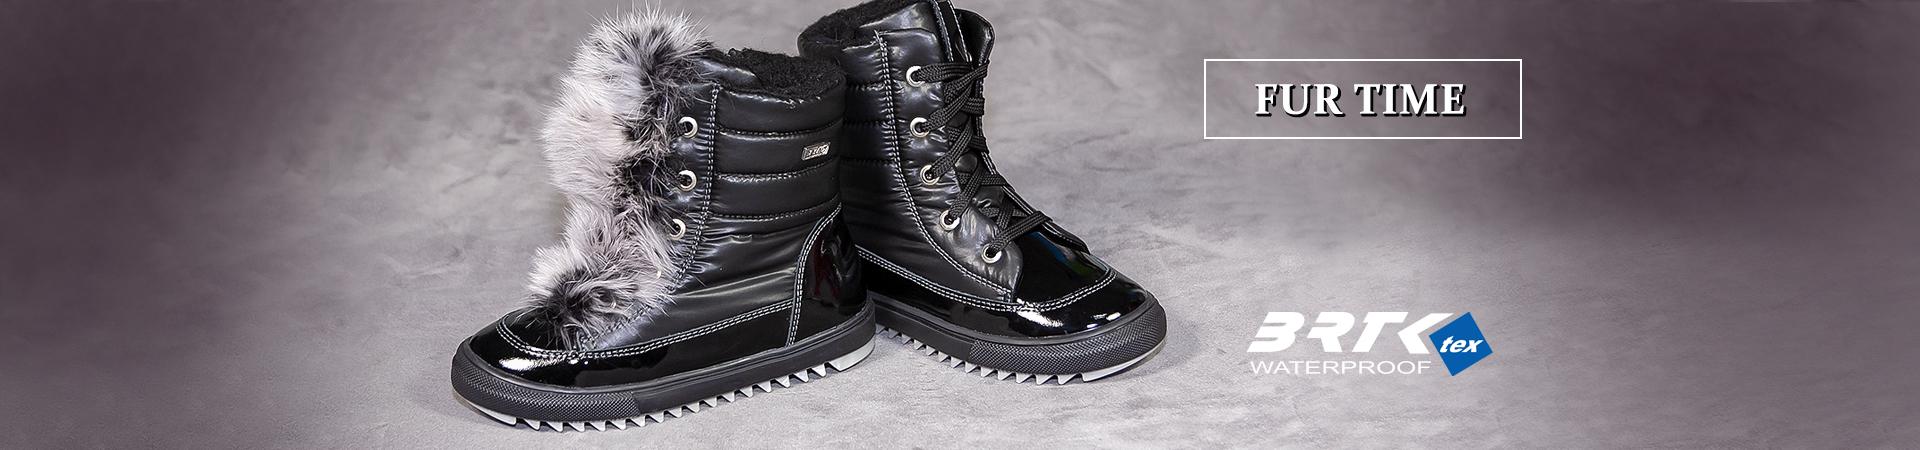 18 Boots Girls 769